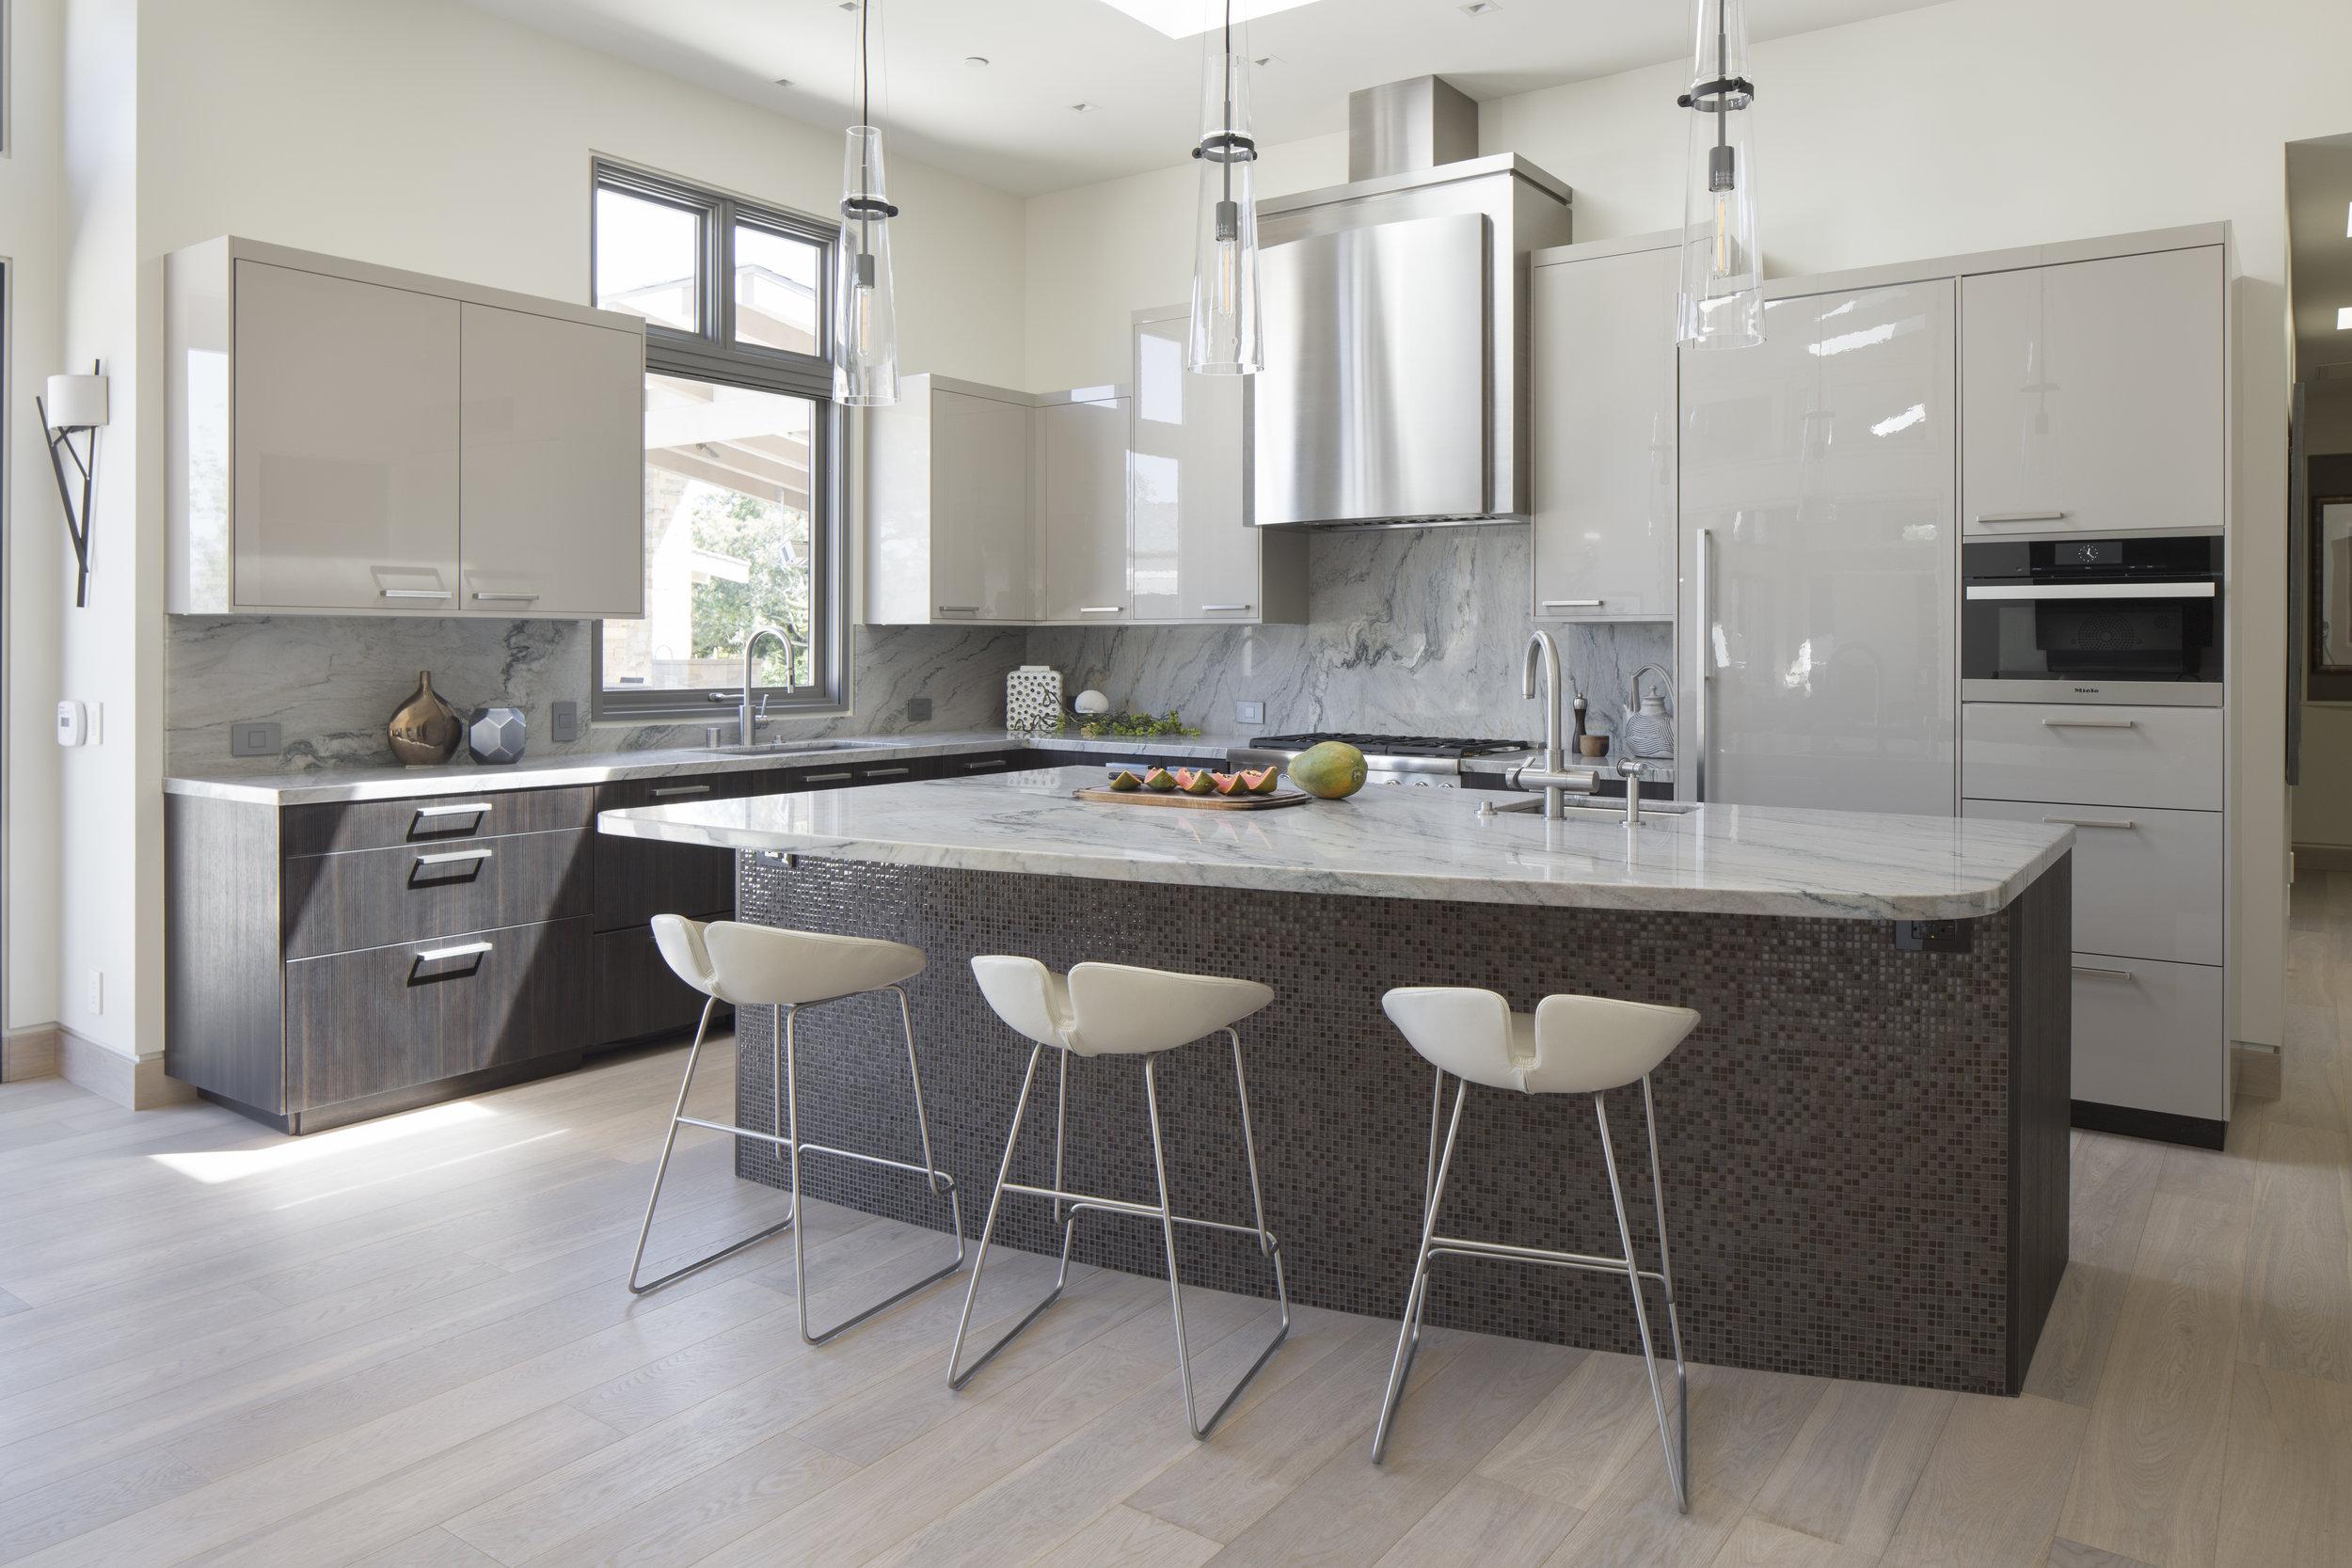 san diego kitchen bath interior design remodel professional